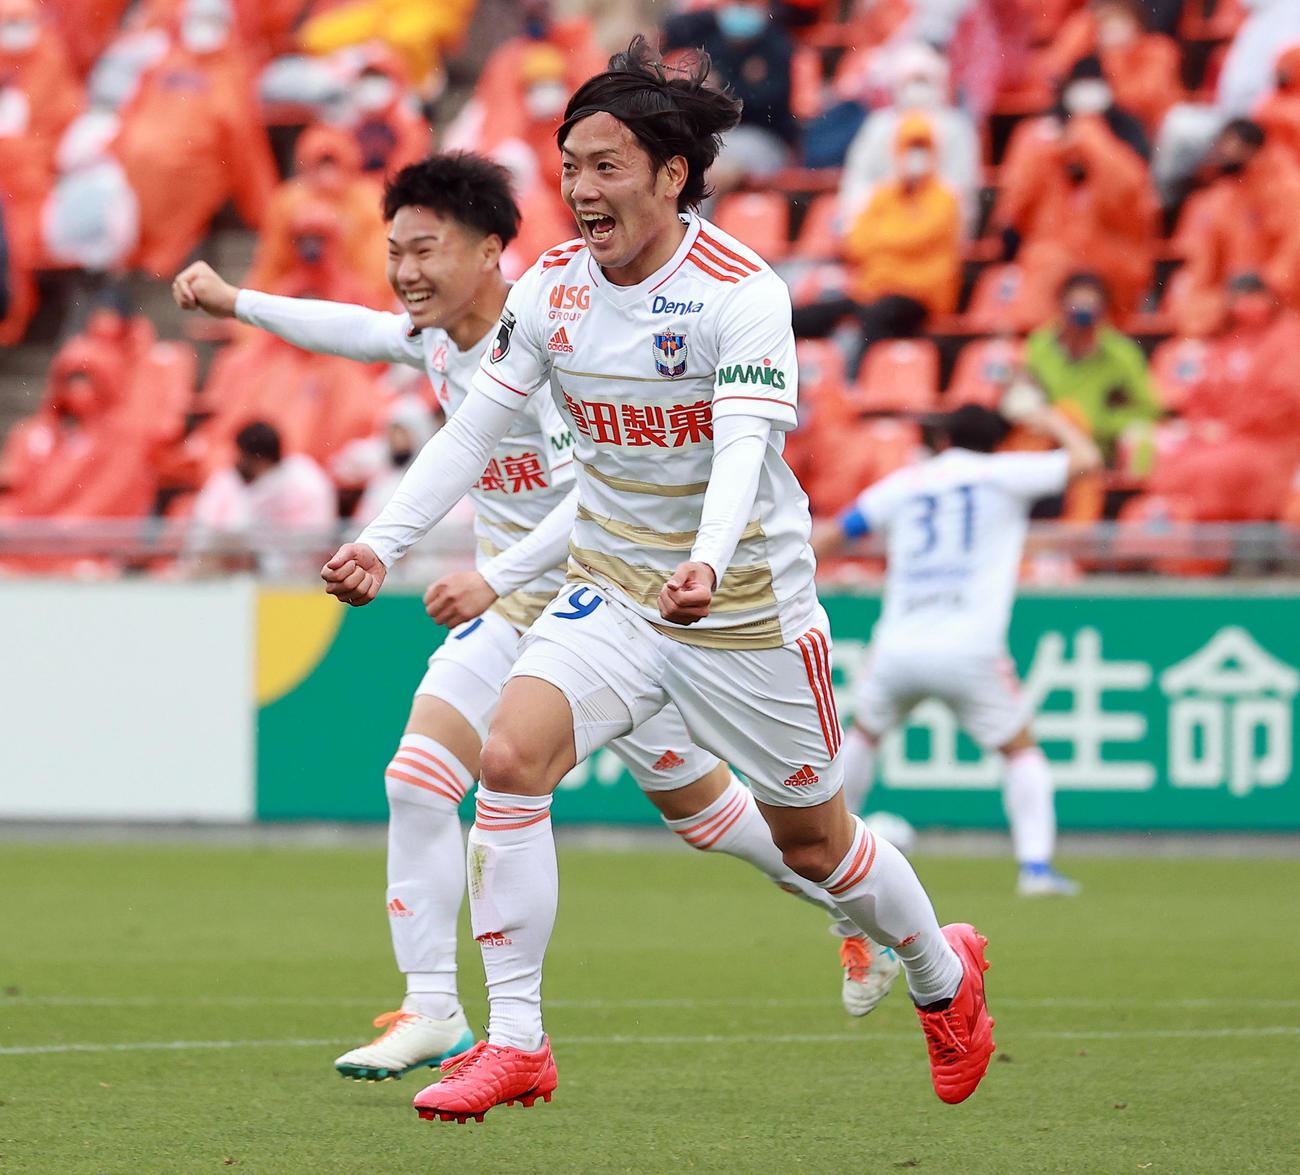 21年5月5日、大宮対新潟 後半、勝ち越しゴールを決め、雄たけびを上げて喜ぶ新潟星